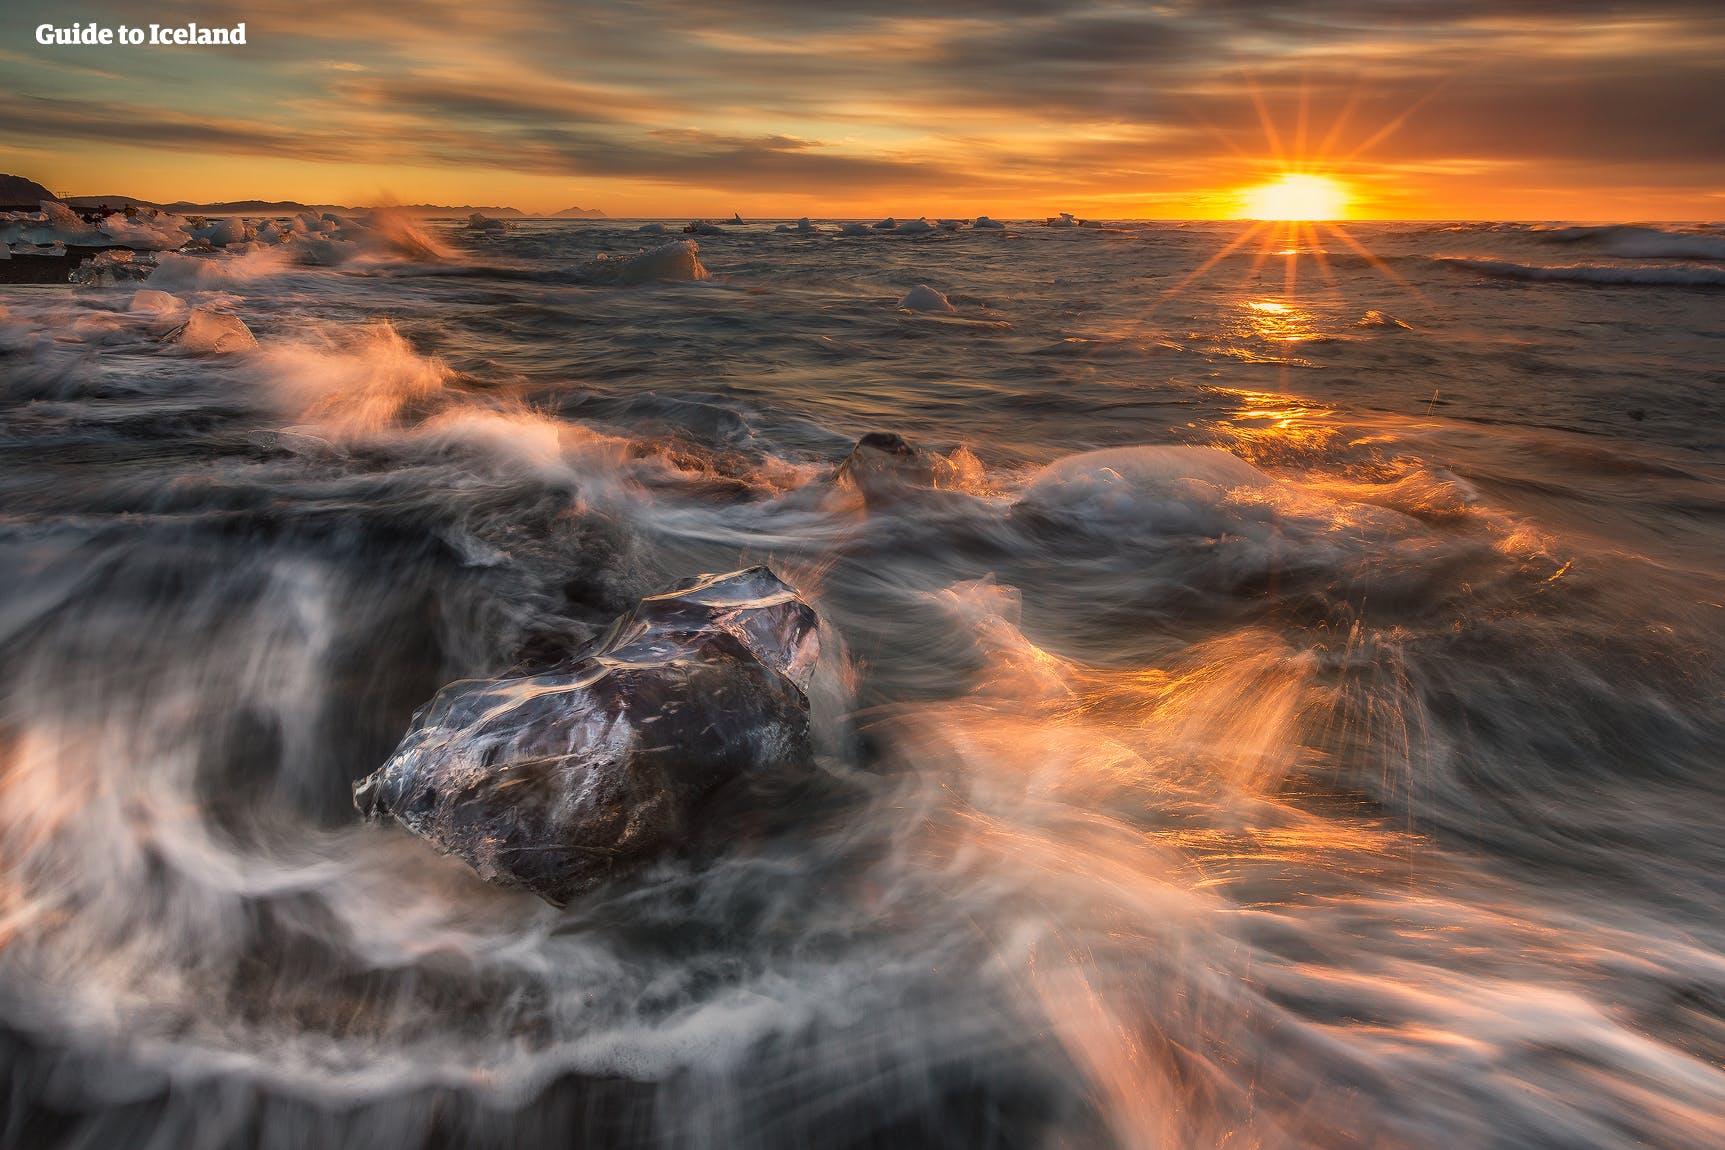 钻石冰沙滩的美独一无二,每时每刻都不尽相同。